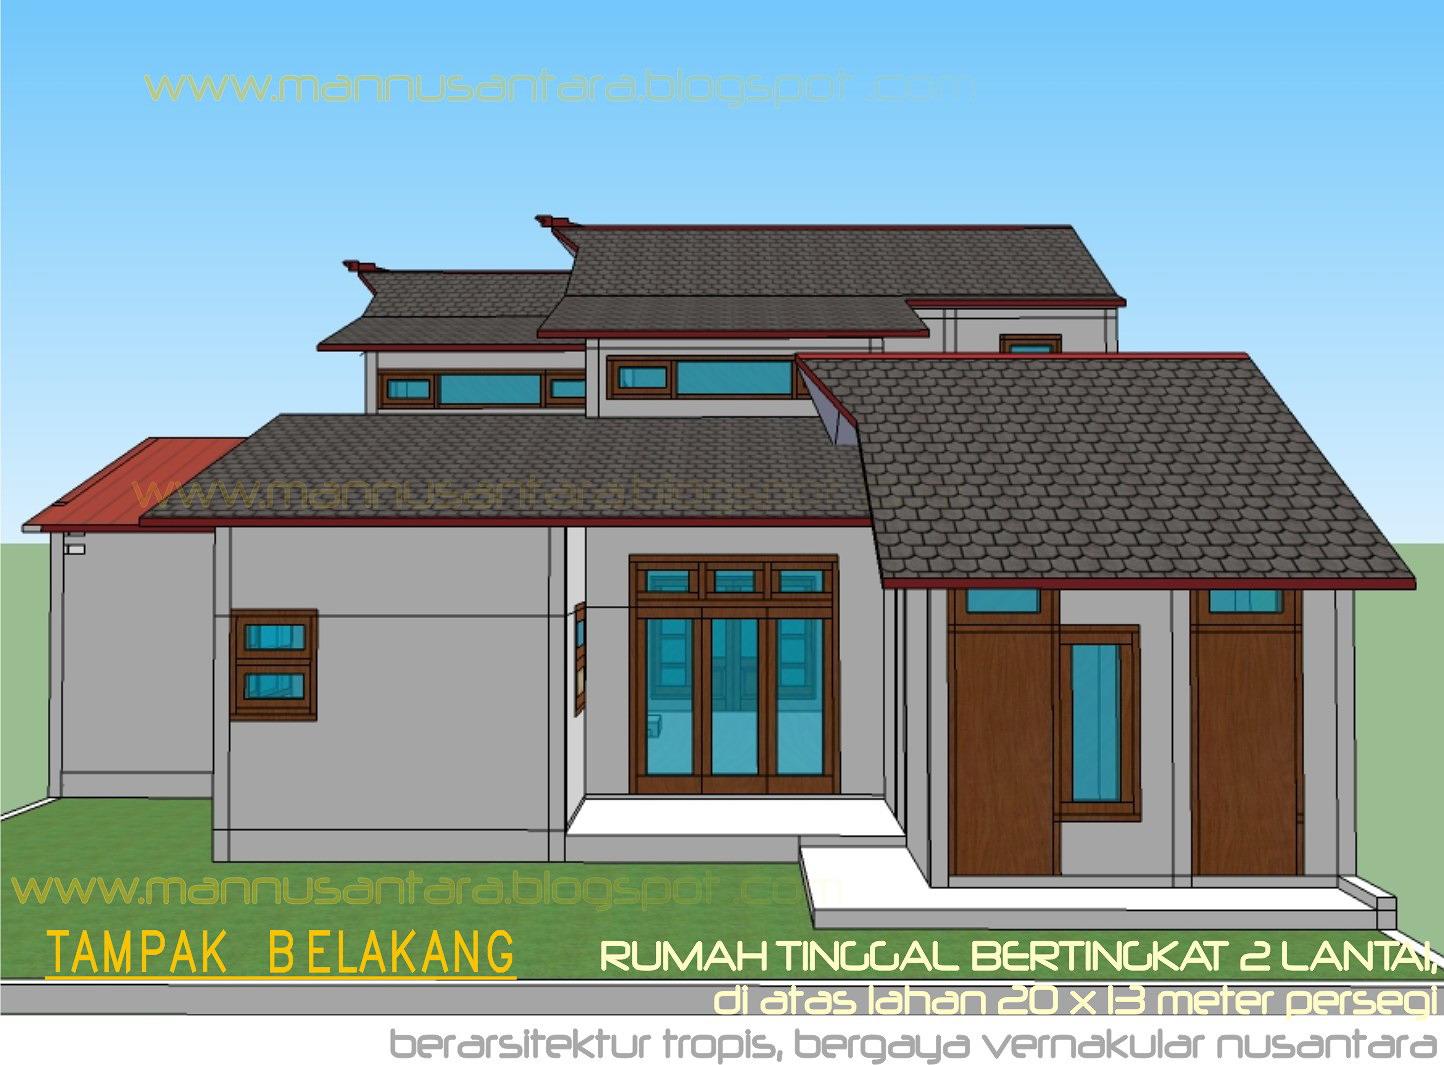 mannusantara design indonesia rancangan rumah tinggal